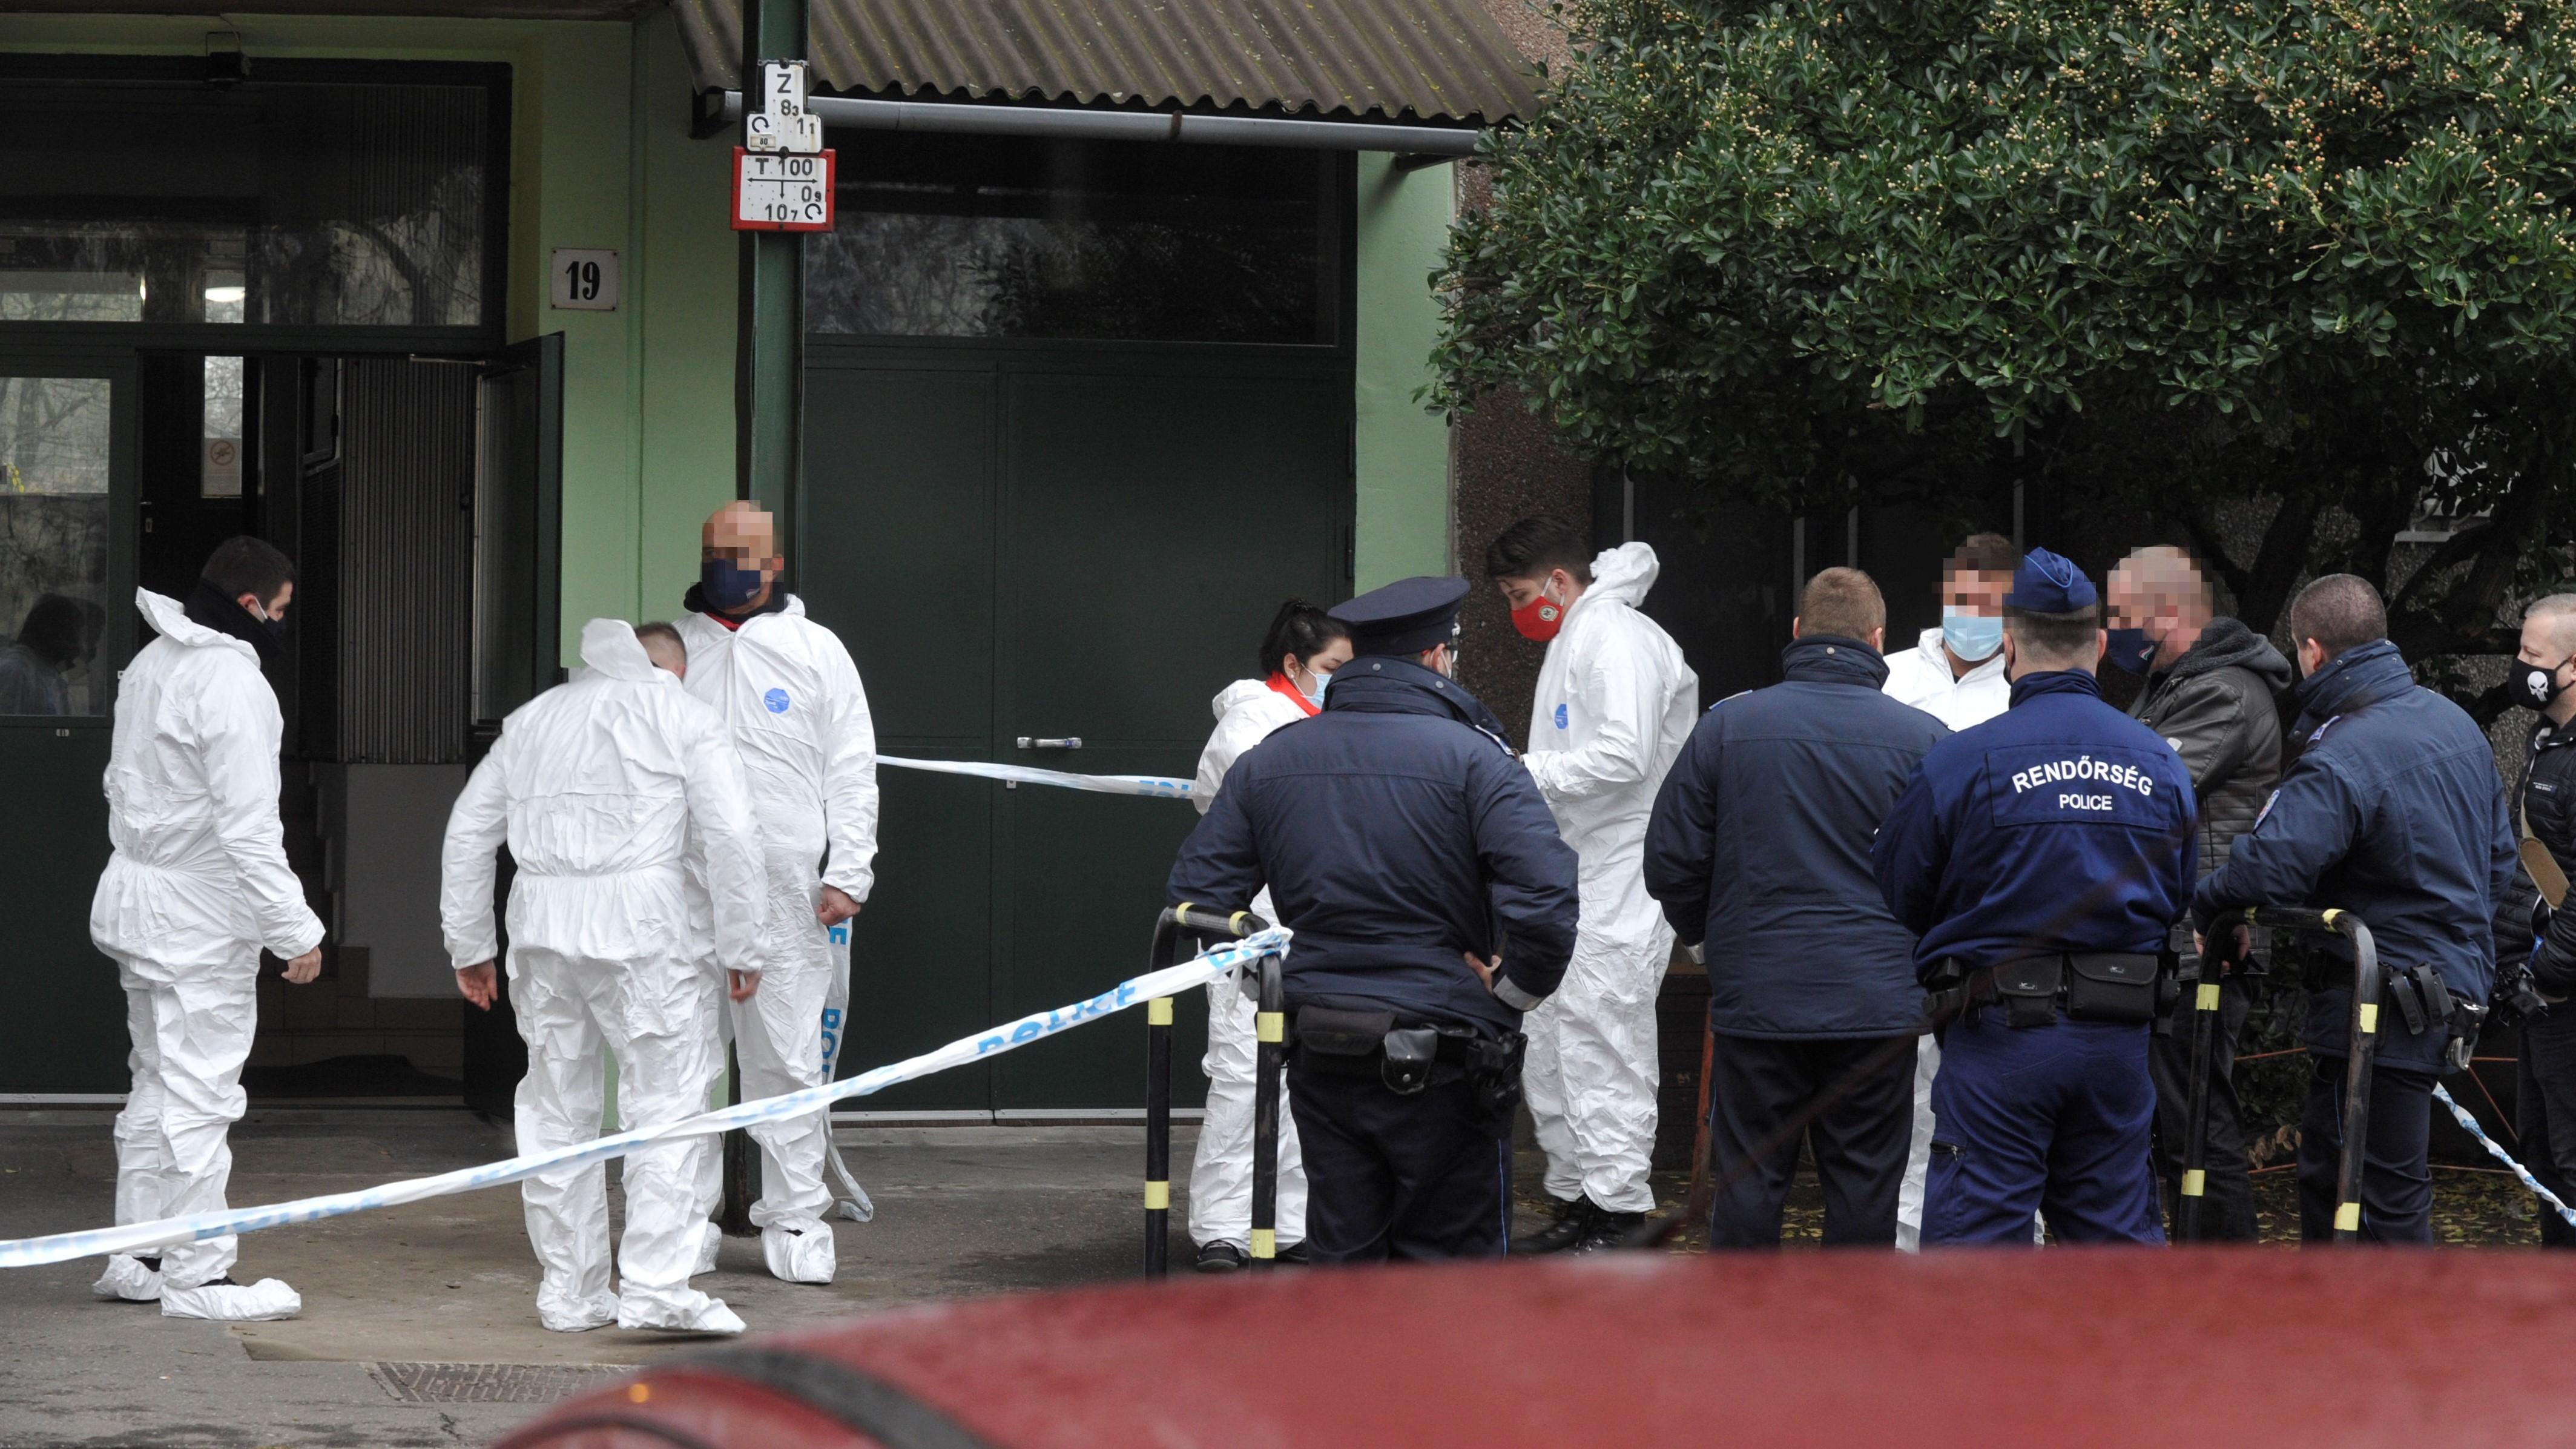 Budapest, 2020. december 24.Rendőrségi helyszínelők 2020. december 24-én egy IV. kerületi társasház előtt, ahol egy rendőr lelőtte a járőrtársa életére törő férfit. A késes támadó a helyszínen meghalt, a sérült rendőrt kórházba vitték.MTI/Mihádák Zoltán